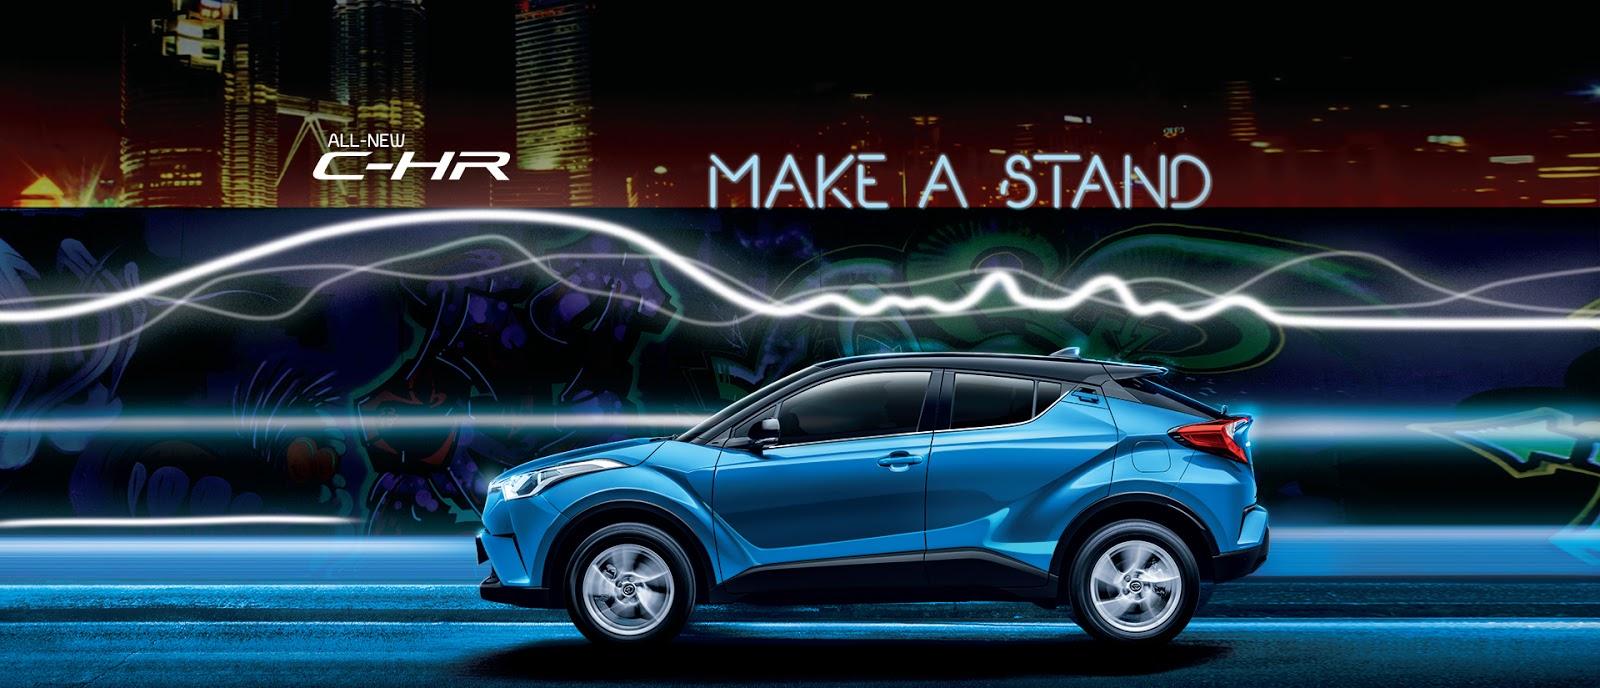 UMW Toyota宣布调降汽车售价